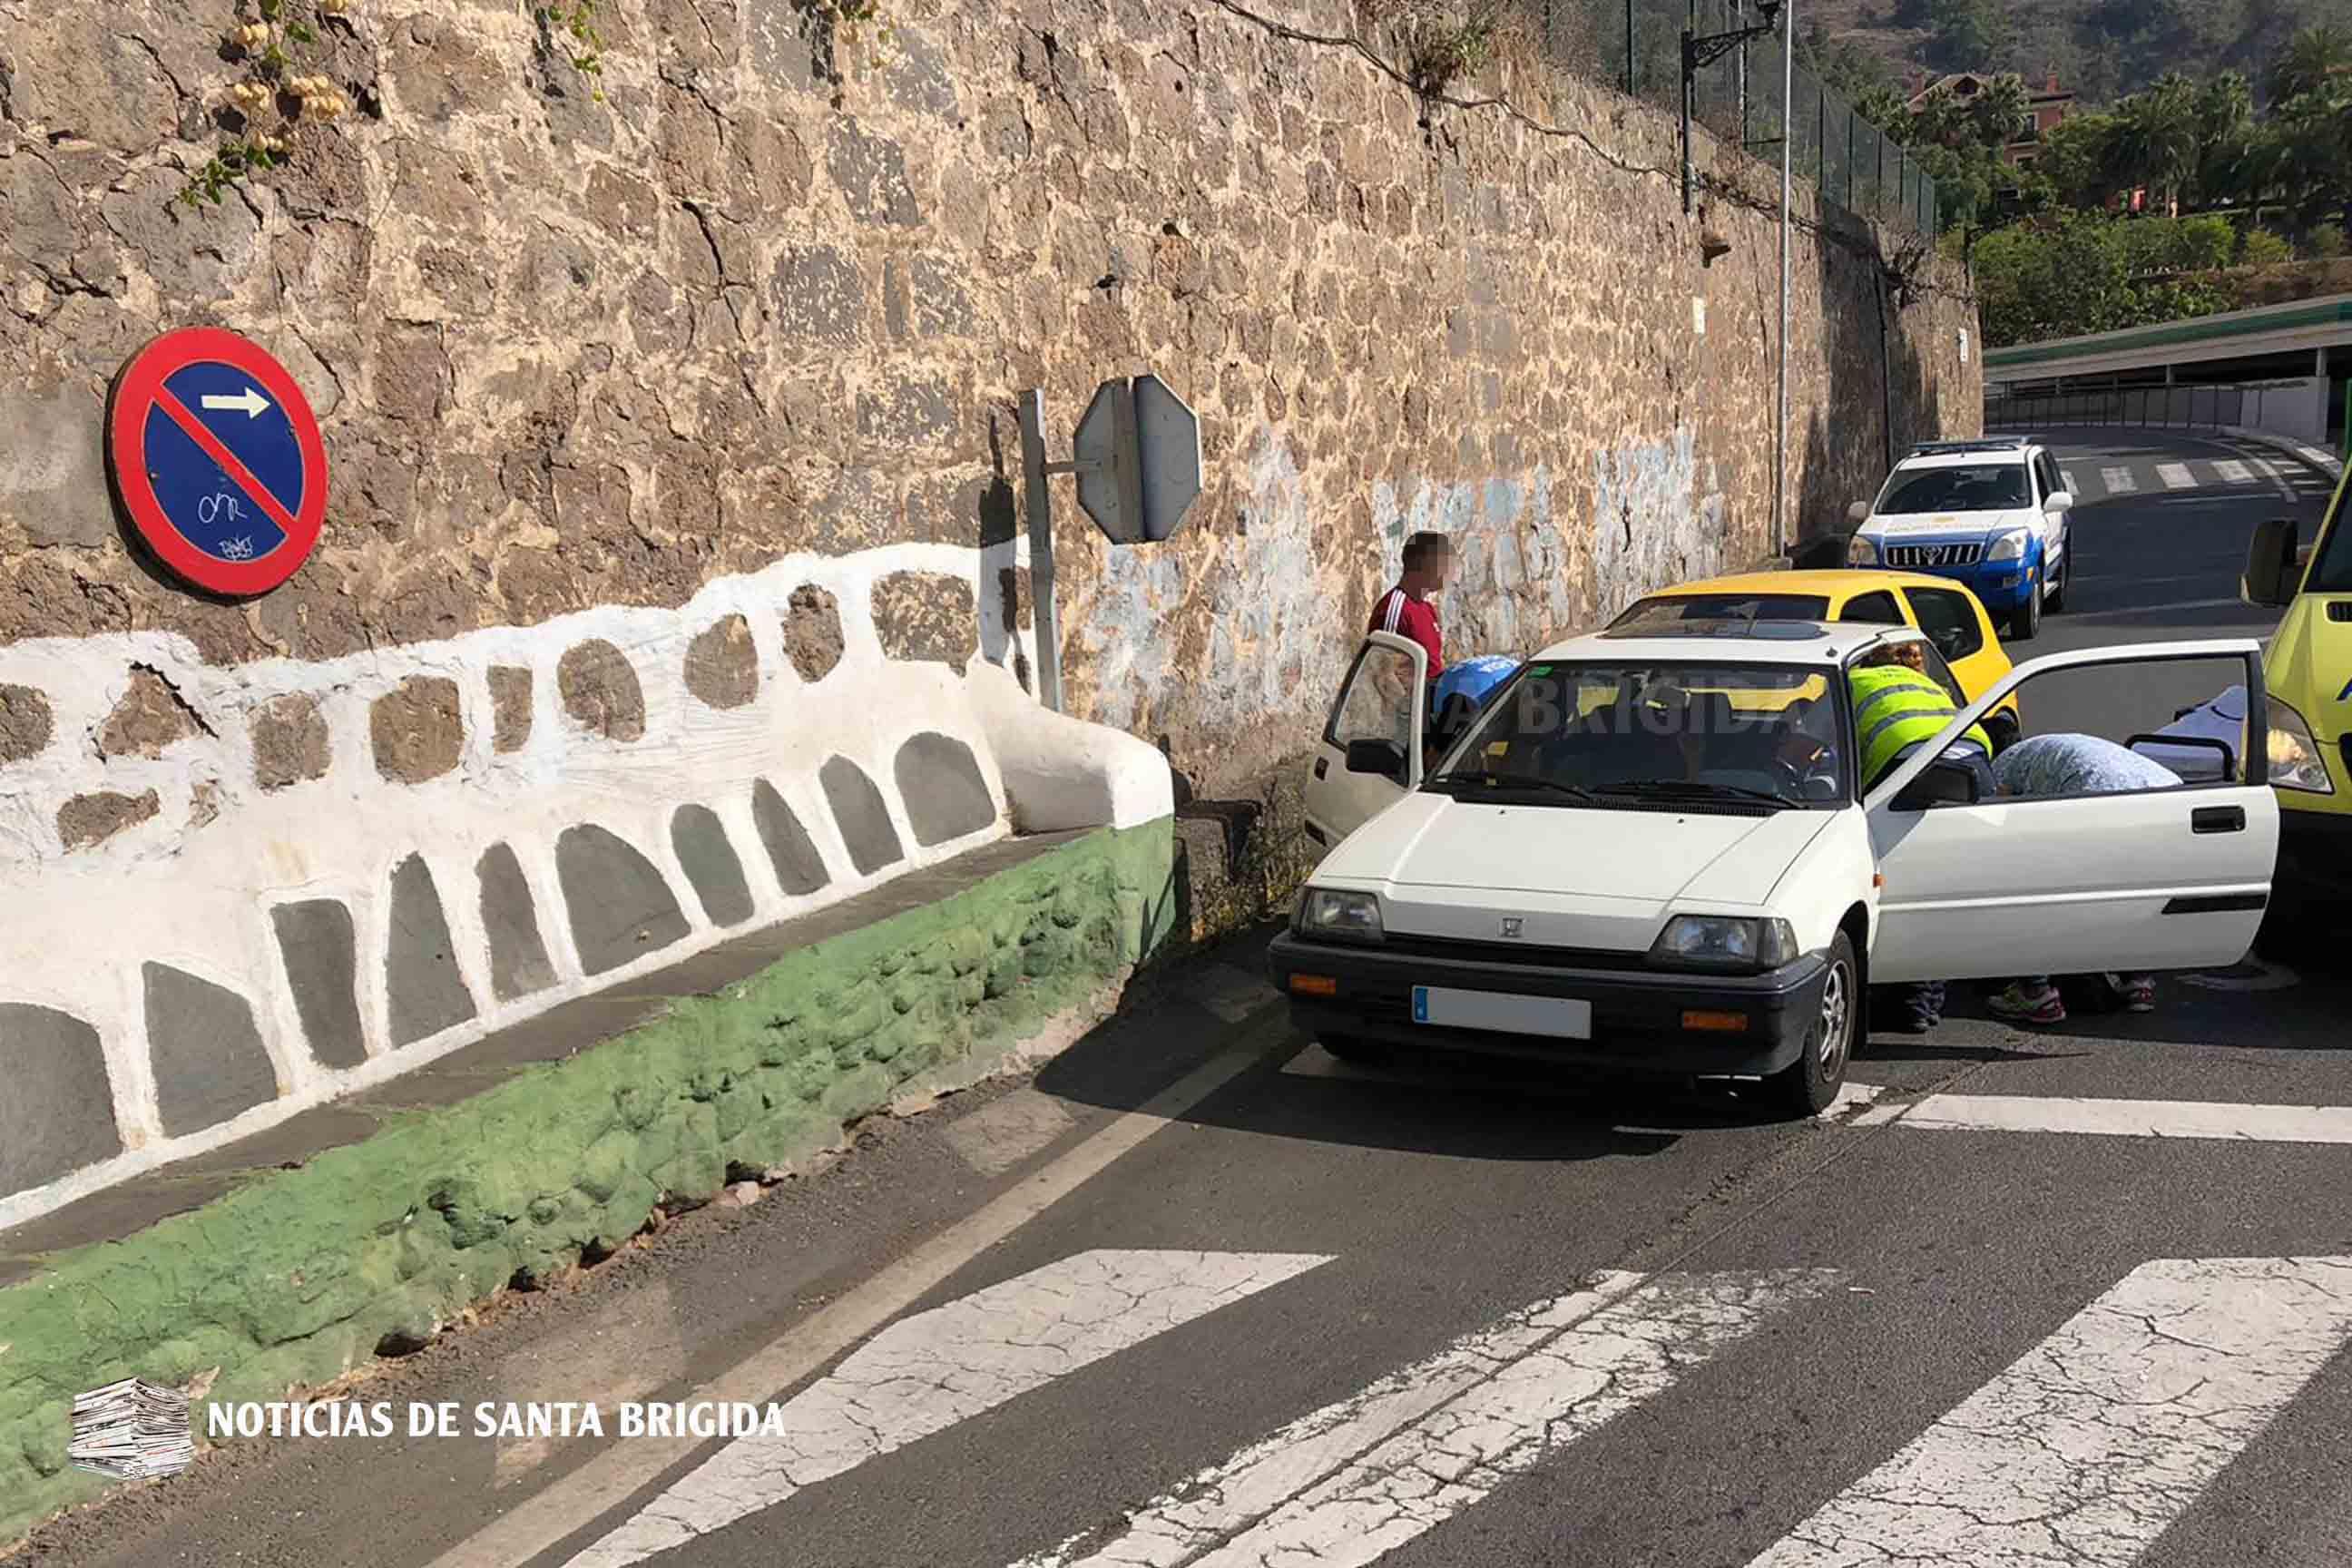 px Accidente Santa Brigida 4 de octubre de 2018 Noticias de Santa Brigida